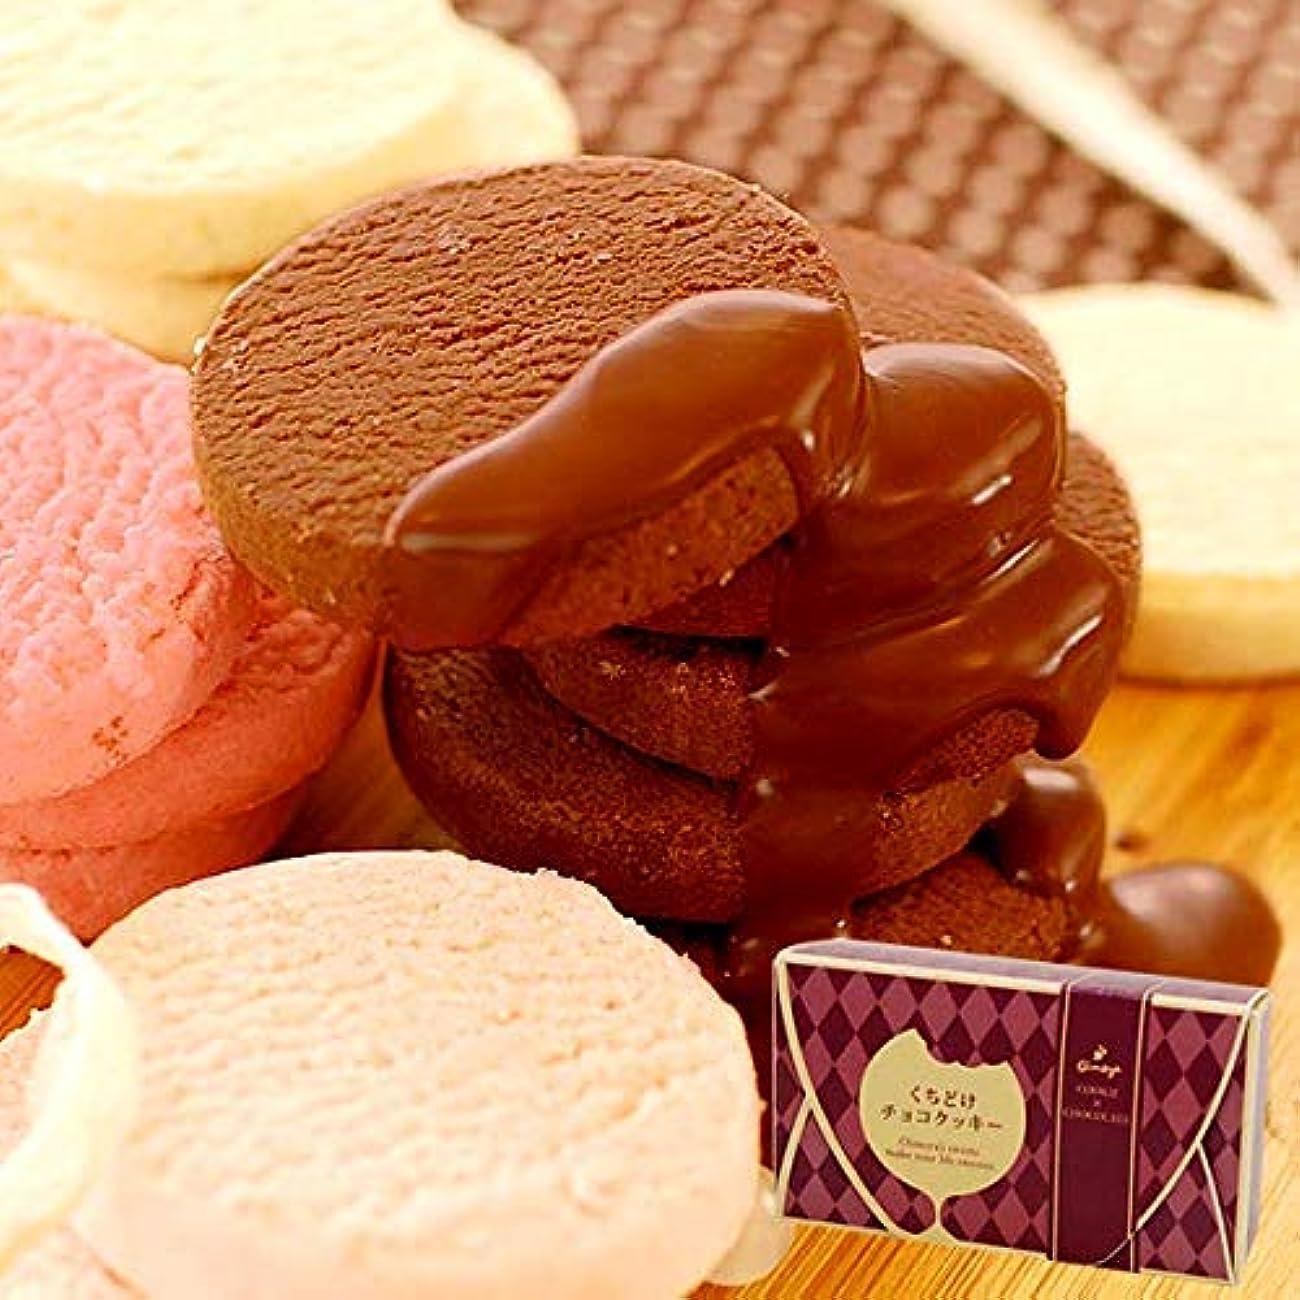 ハッチ聖人謙虚お菓子 プチギフト くちどけクッキー詰め合わせ (3枚セット)